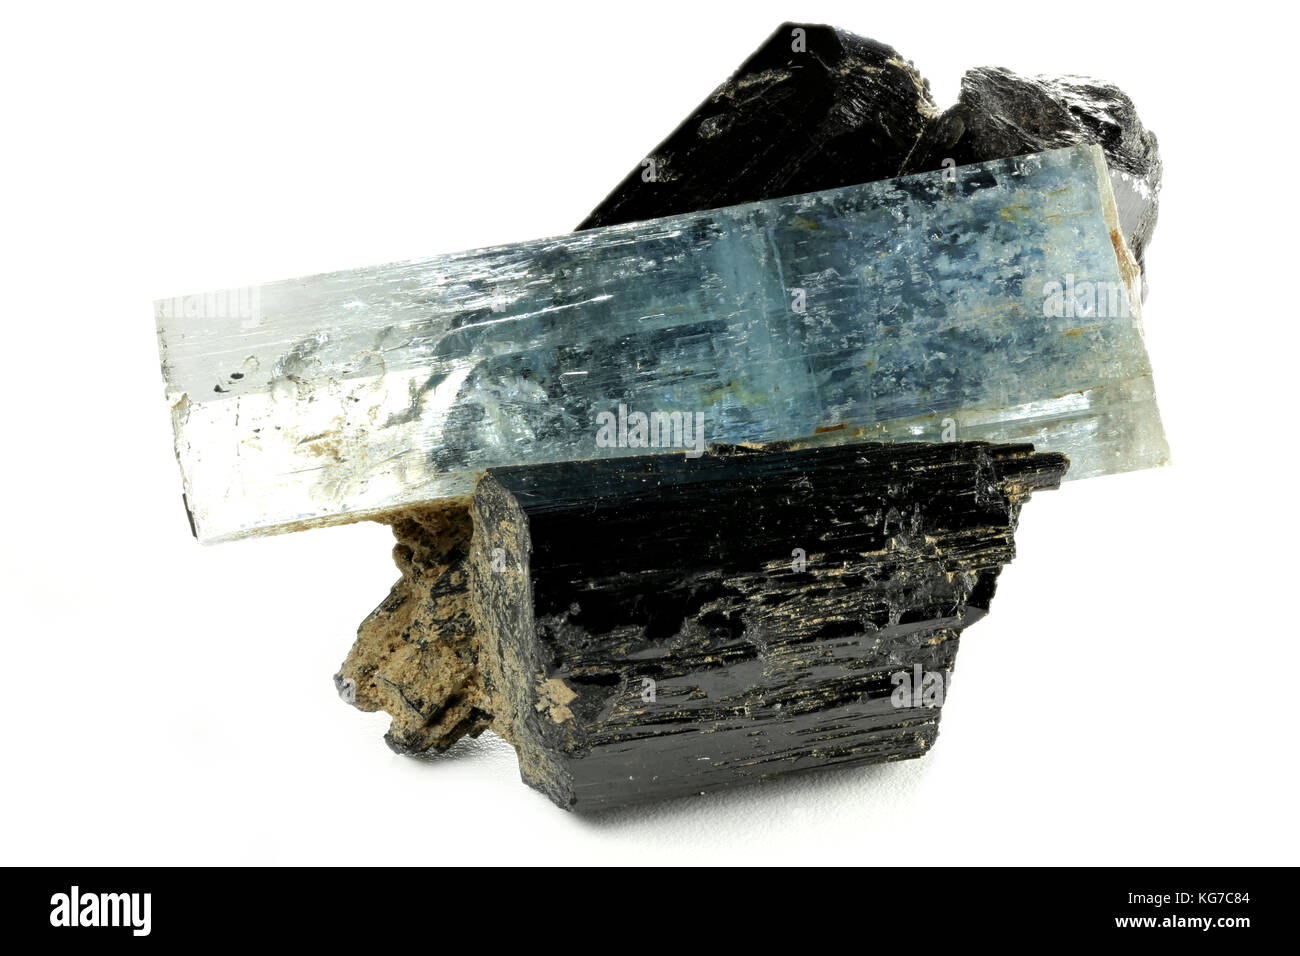 aquamarine crystal with schorl from Erongo/ Namibia isolated on white background - Stock Image